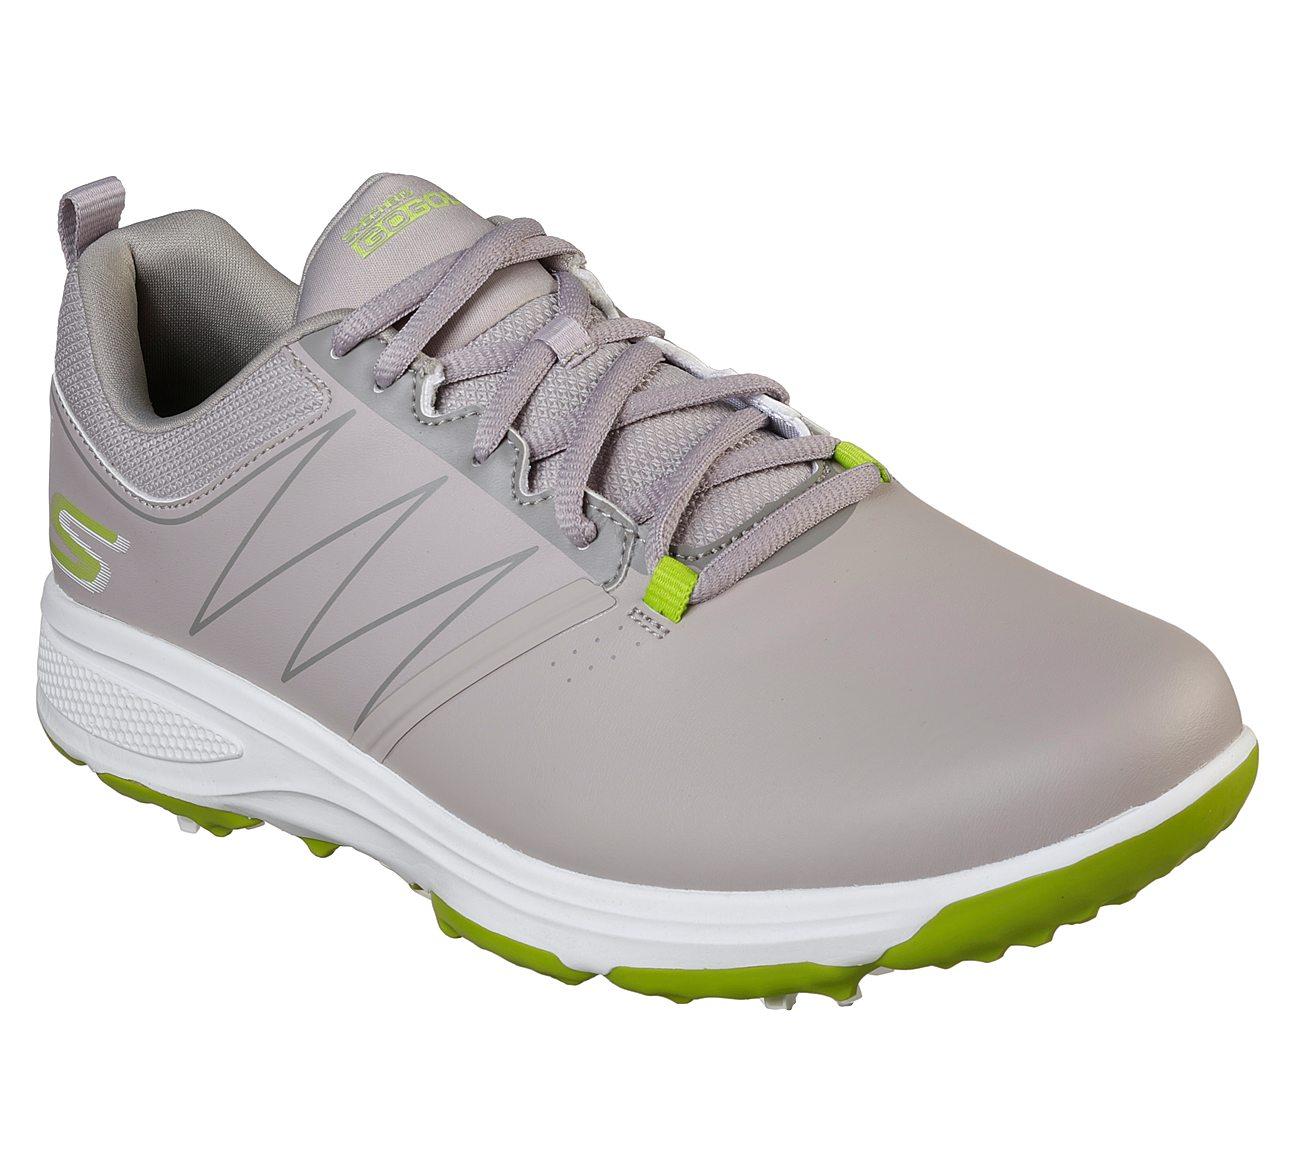 Skechers Go Golf Torque Shoe